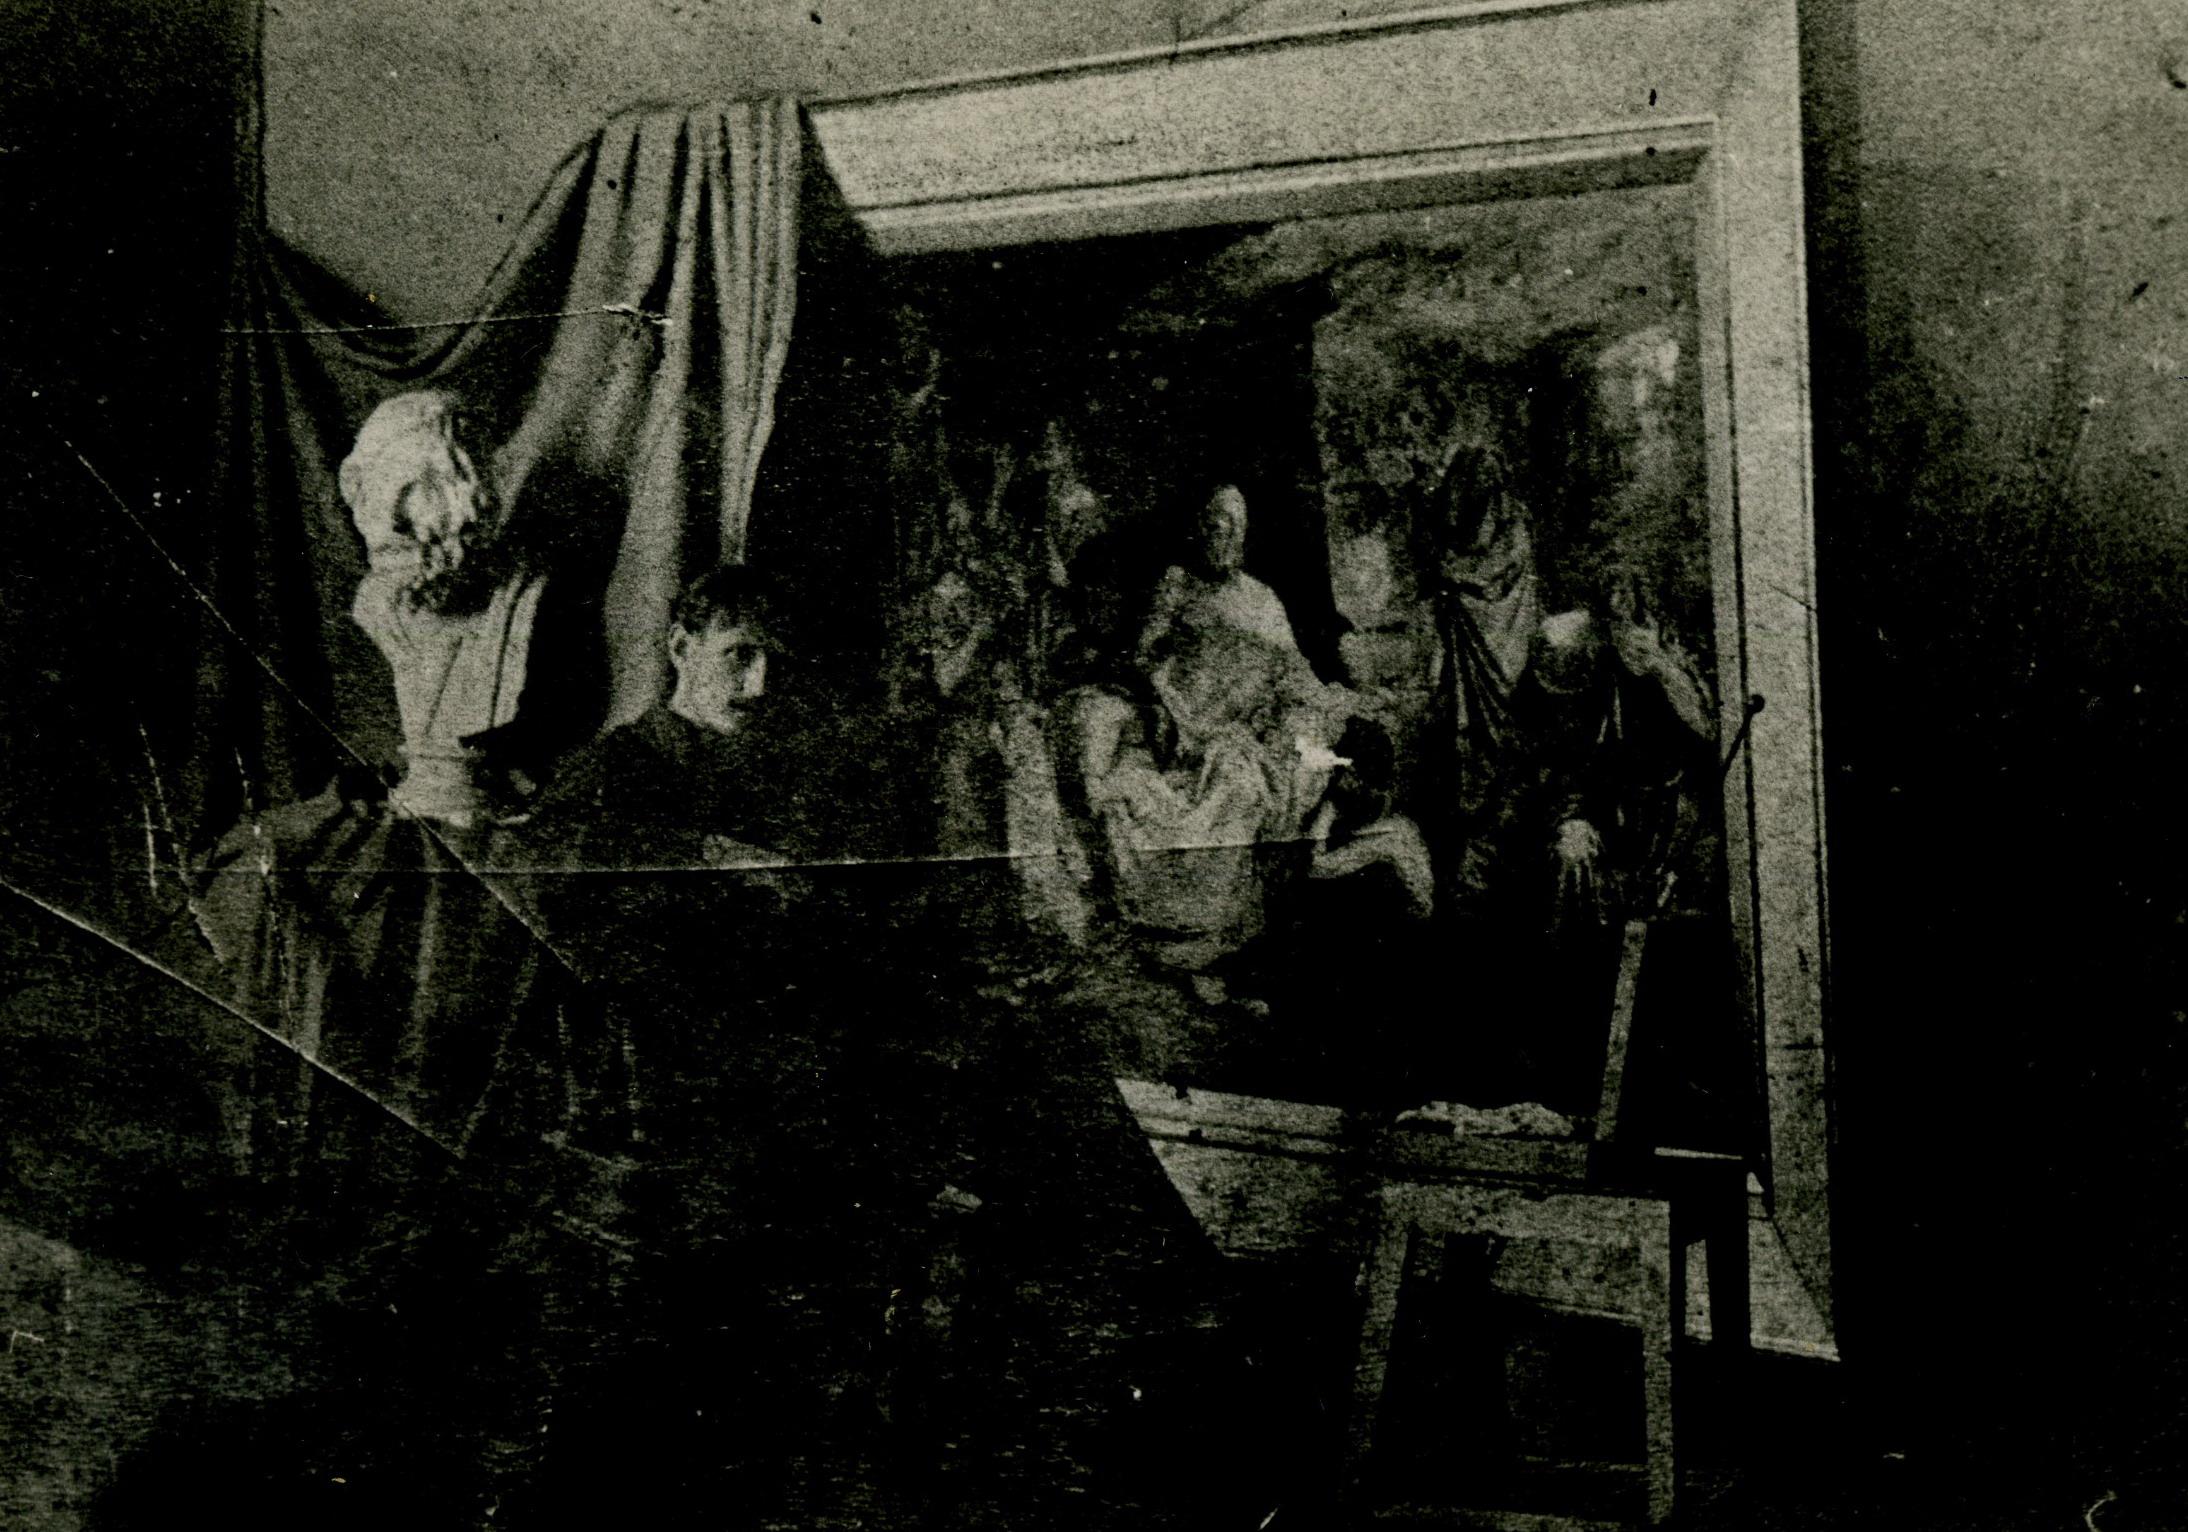 Художник Петр Целебровский  около своей дипломной работы «Сократ в темнице». 1888